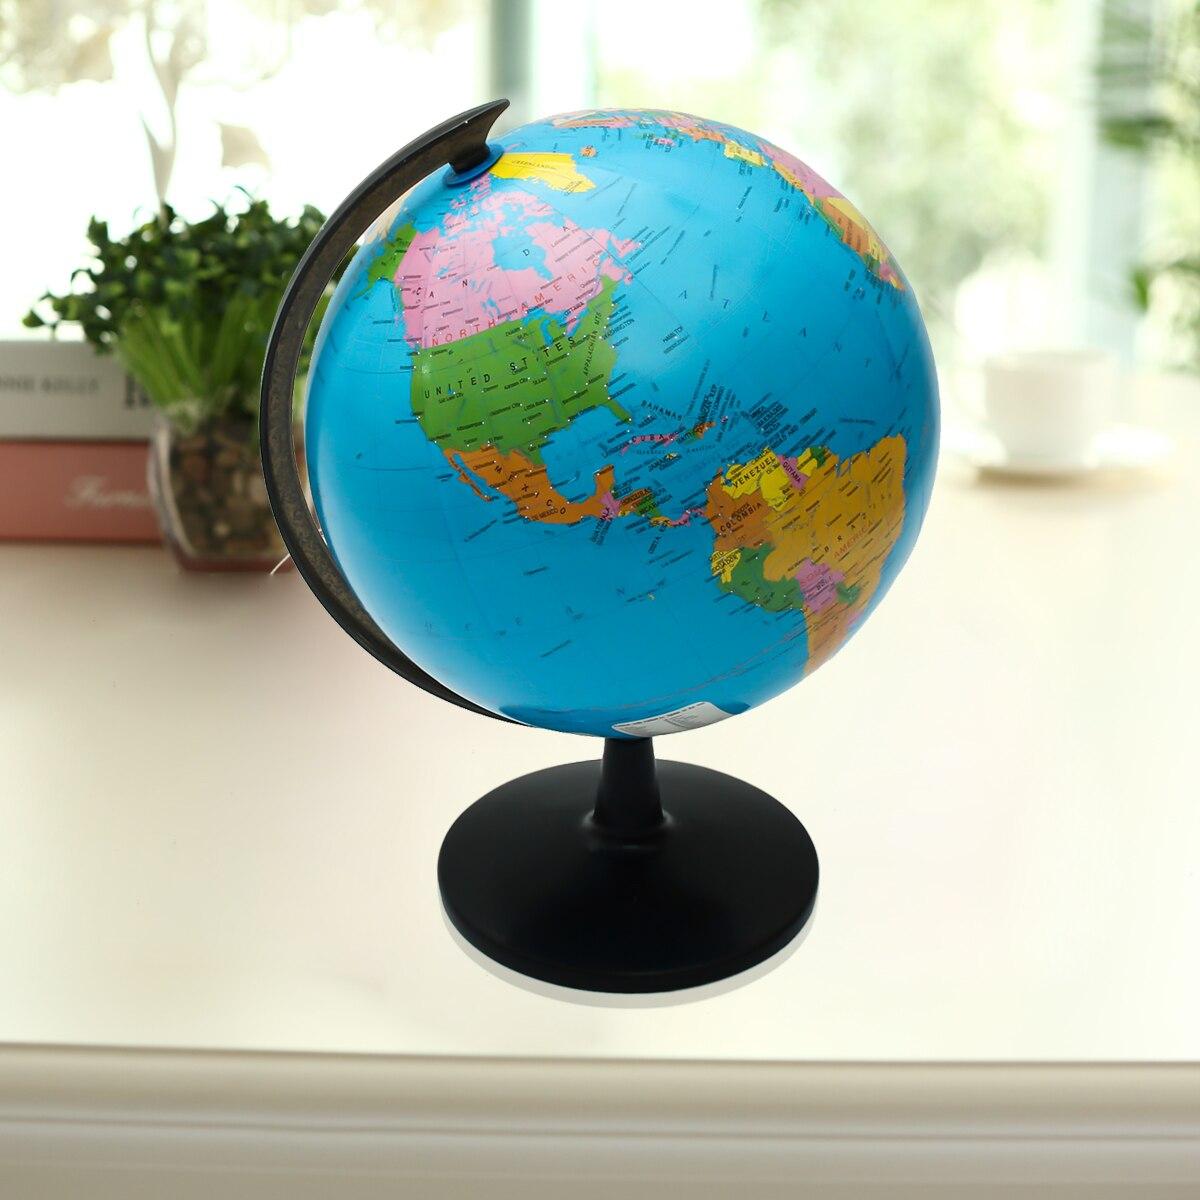 32 cm monde Globe carte enfants géograpie jouets éducatifs fournitures scolaires étudiants récompense cadeau maison bureau décorations de bureau - 3